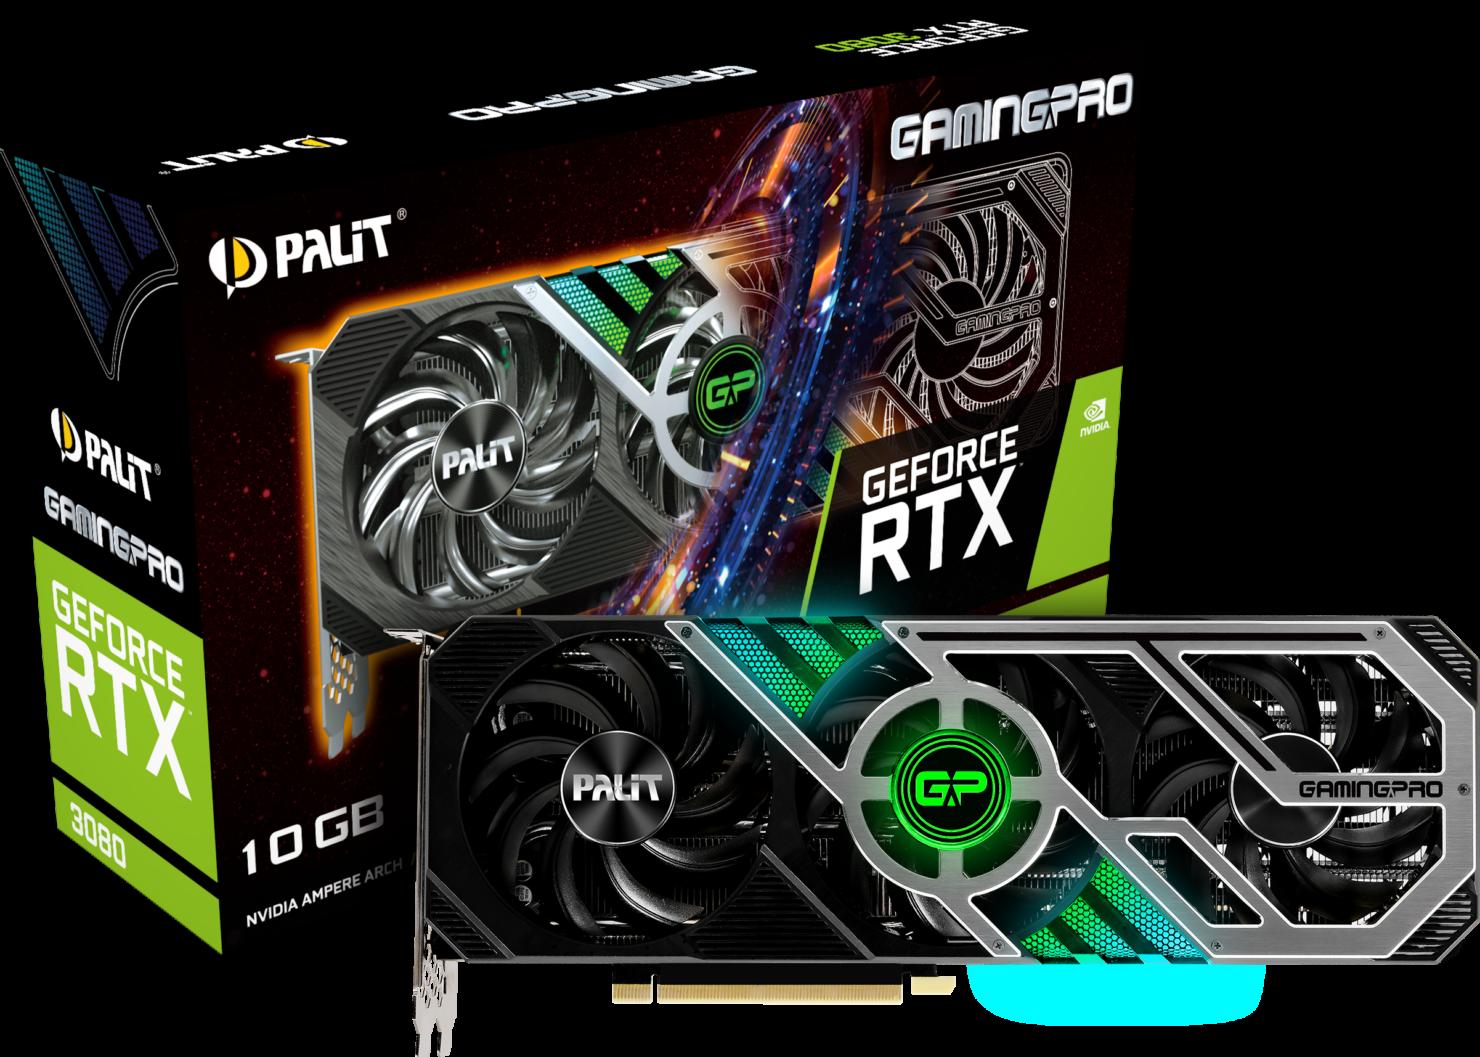 palit_rtx3080_gamingpro-125f4e65cc944d18-18678575